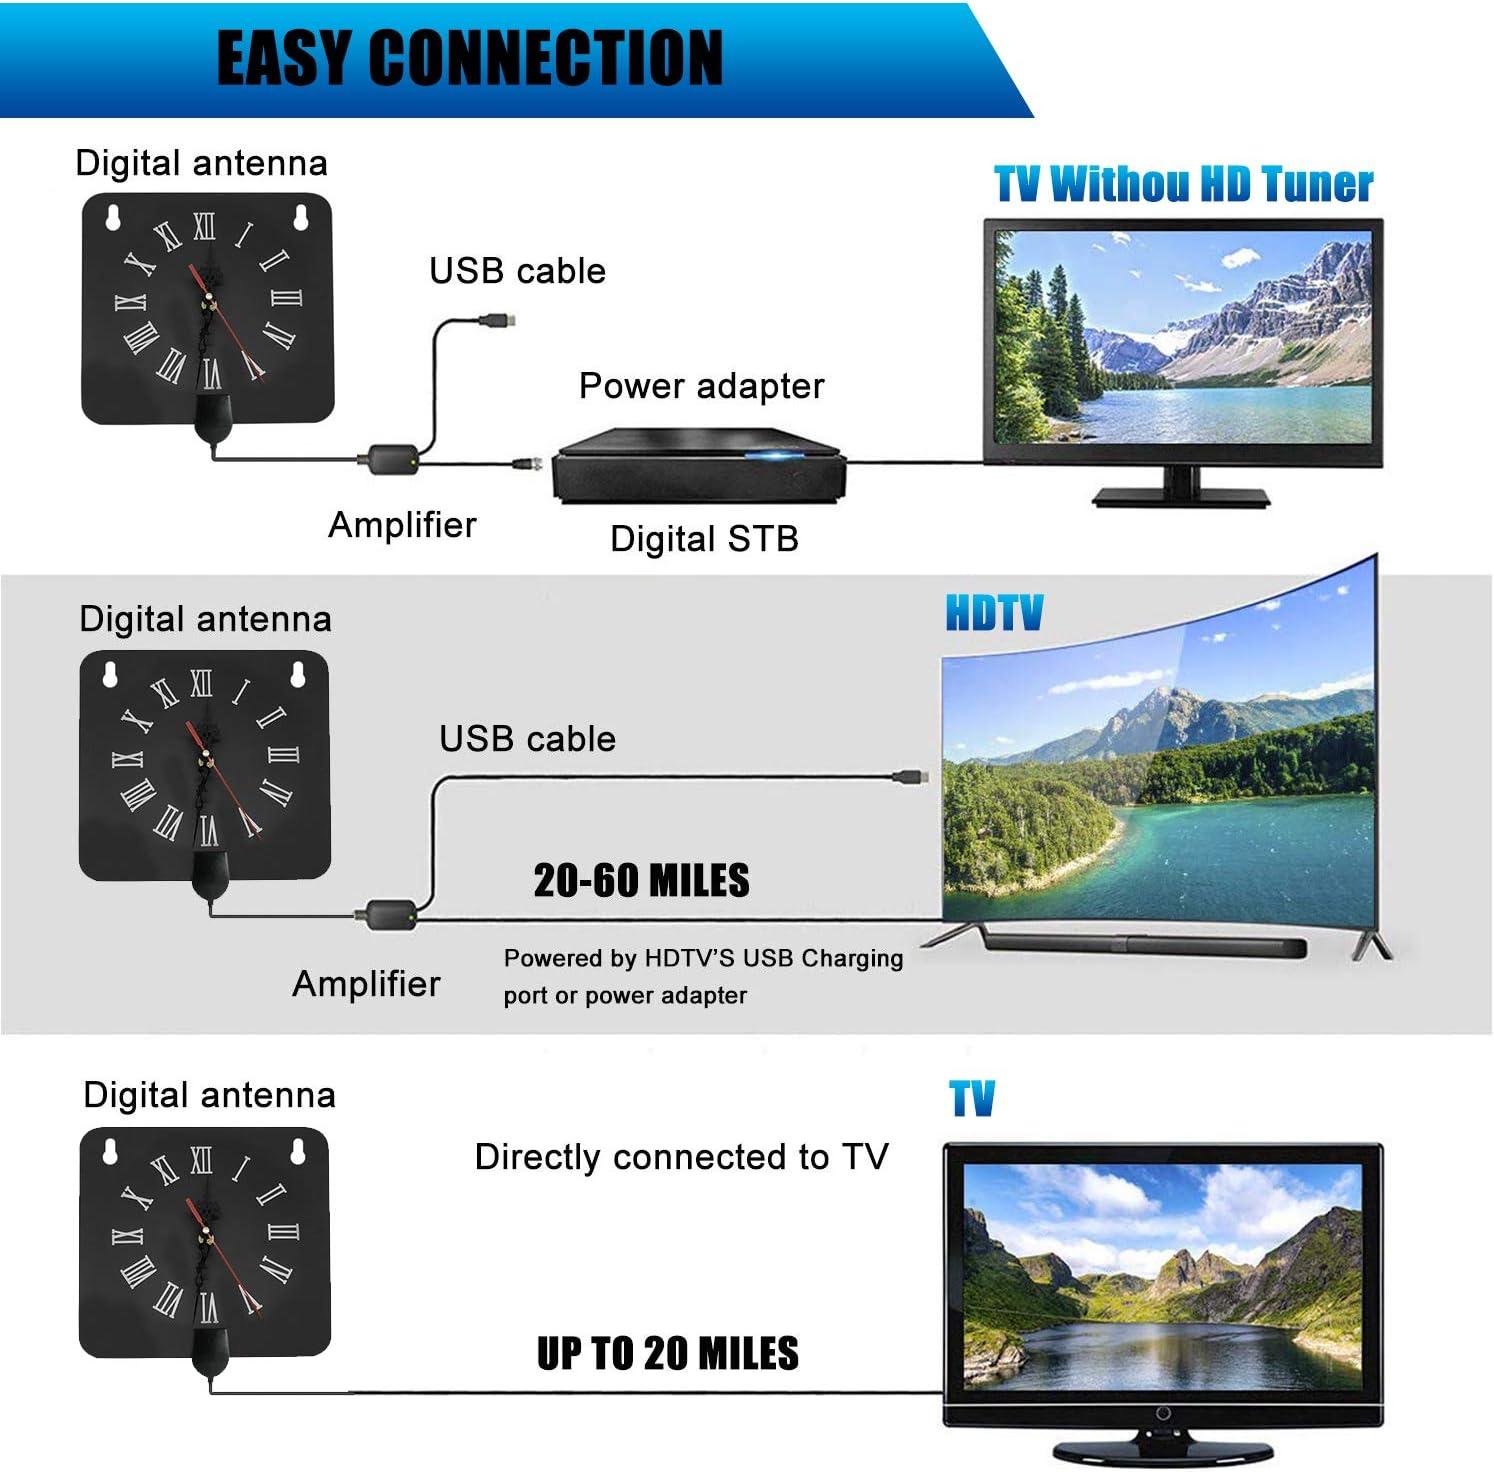 Antena de TV Interior, Antena de TV TDT 2 en 1 con Reloj, Amplificador de señal de Amplificador y Cable coaxial de 16 pies, Soporte Smart TV para el hogar 4k /